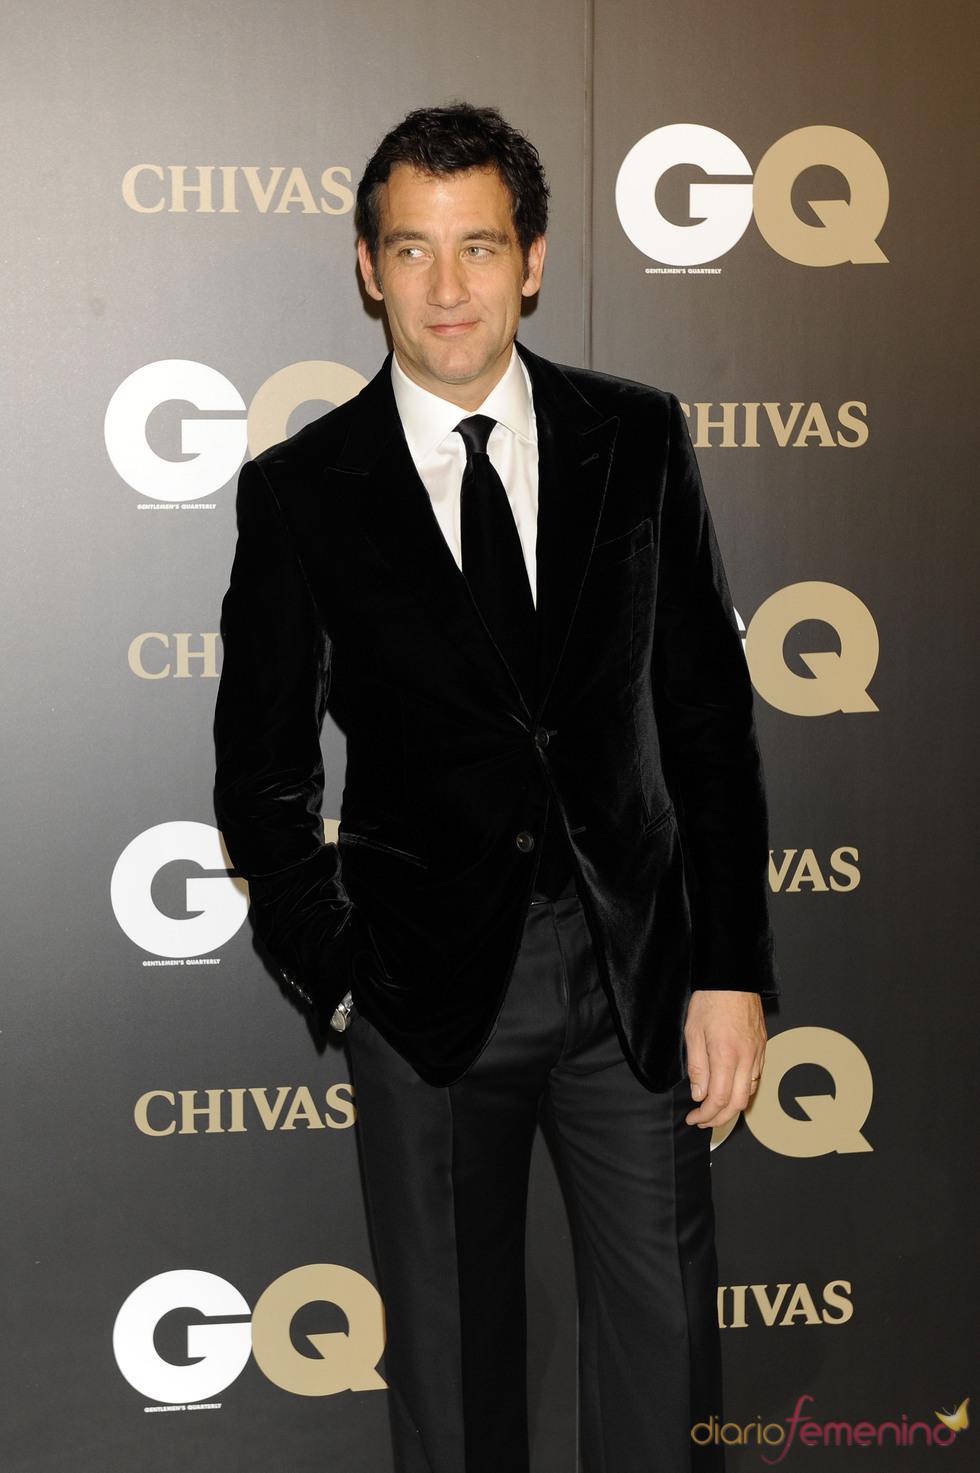 Clive Owen en los premios españoles GQ 2010